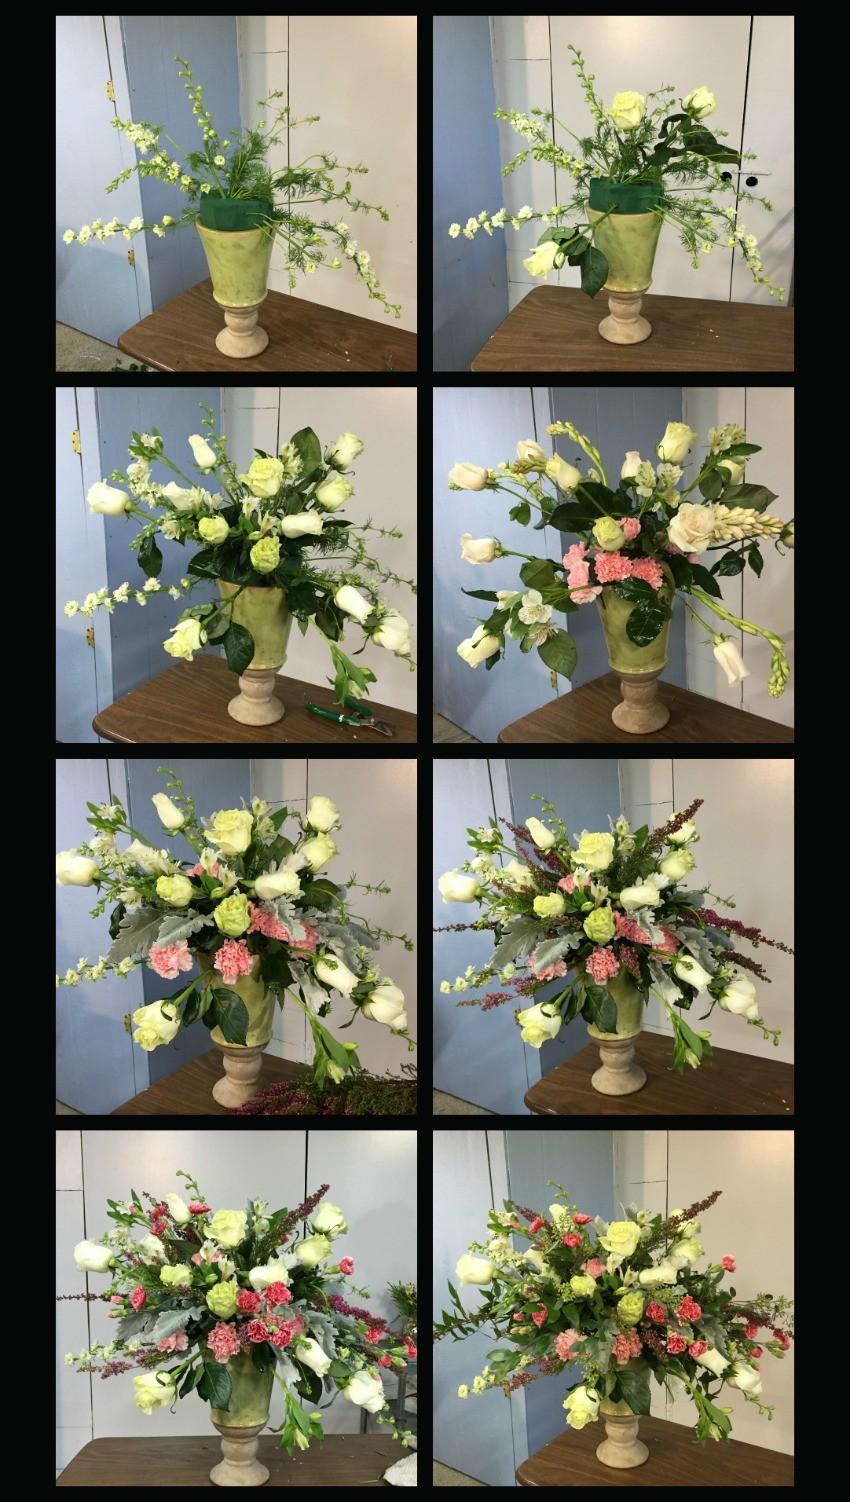 Como hacer un arreglo floral en urna con movimiento y soltura